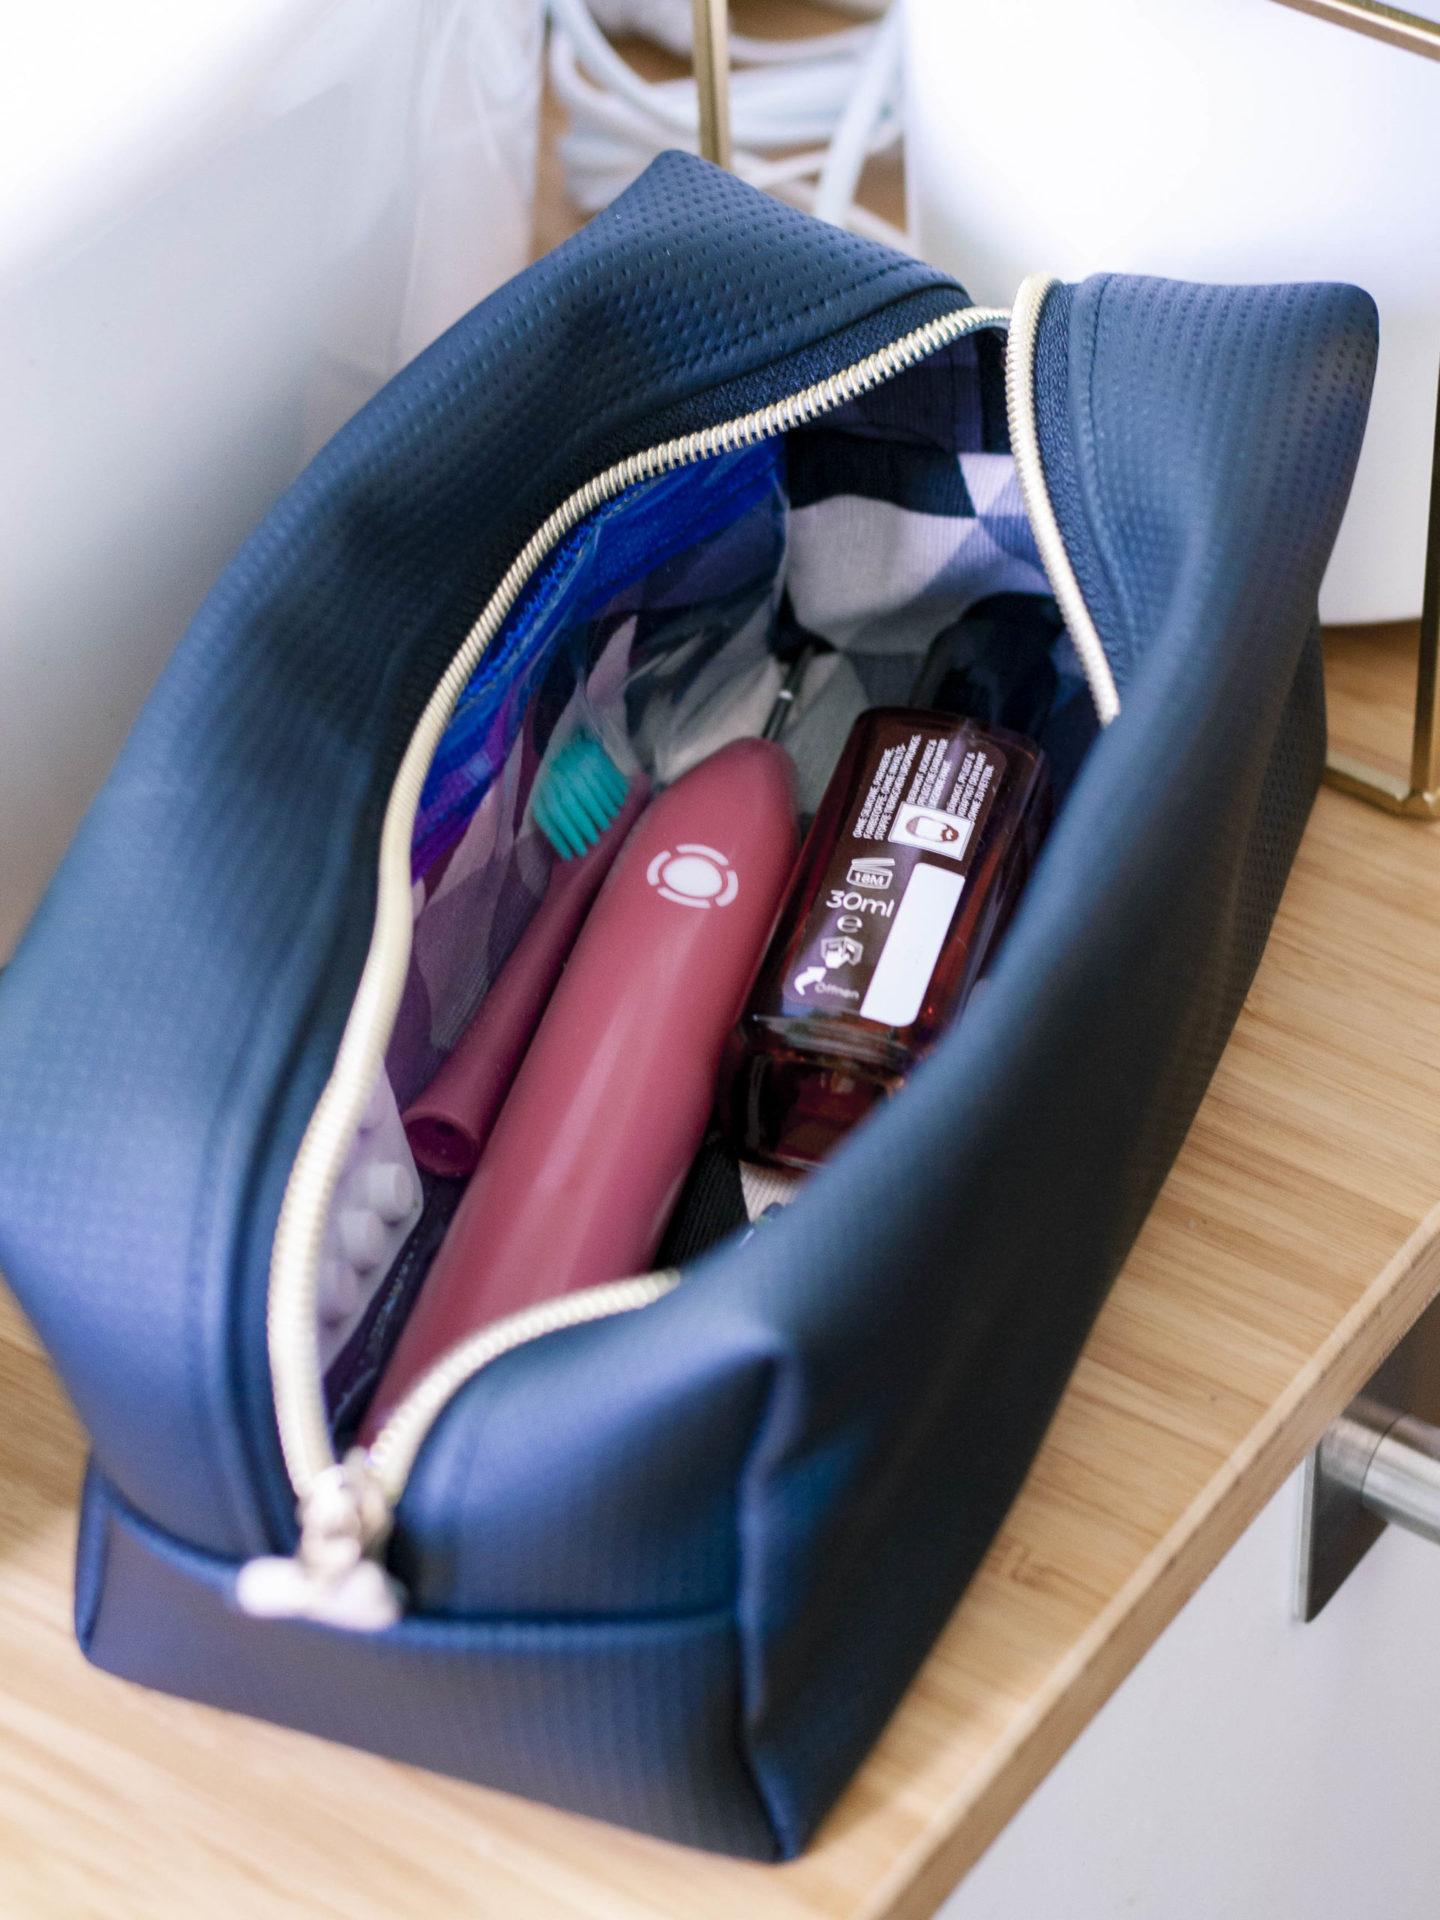 Neceser ist eine geradlinige, schlichte Kulturtasche. Sie ist perfekt für Männer! Lass und zusammen eine Kulturtasche nähen, Anleitung gratis!